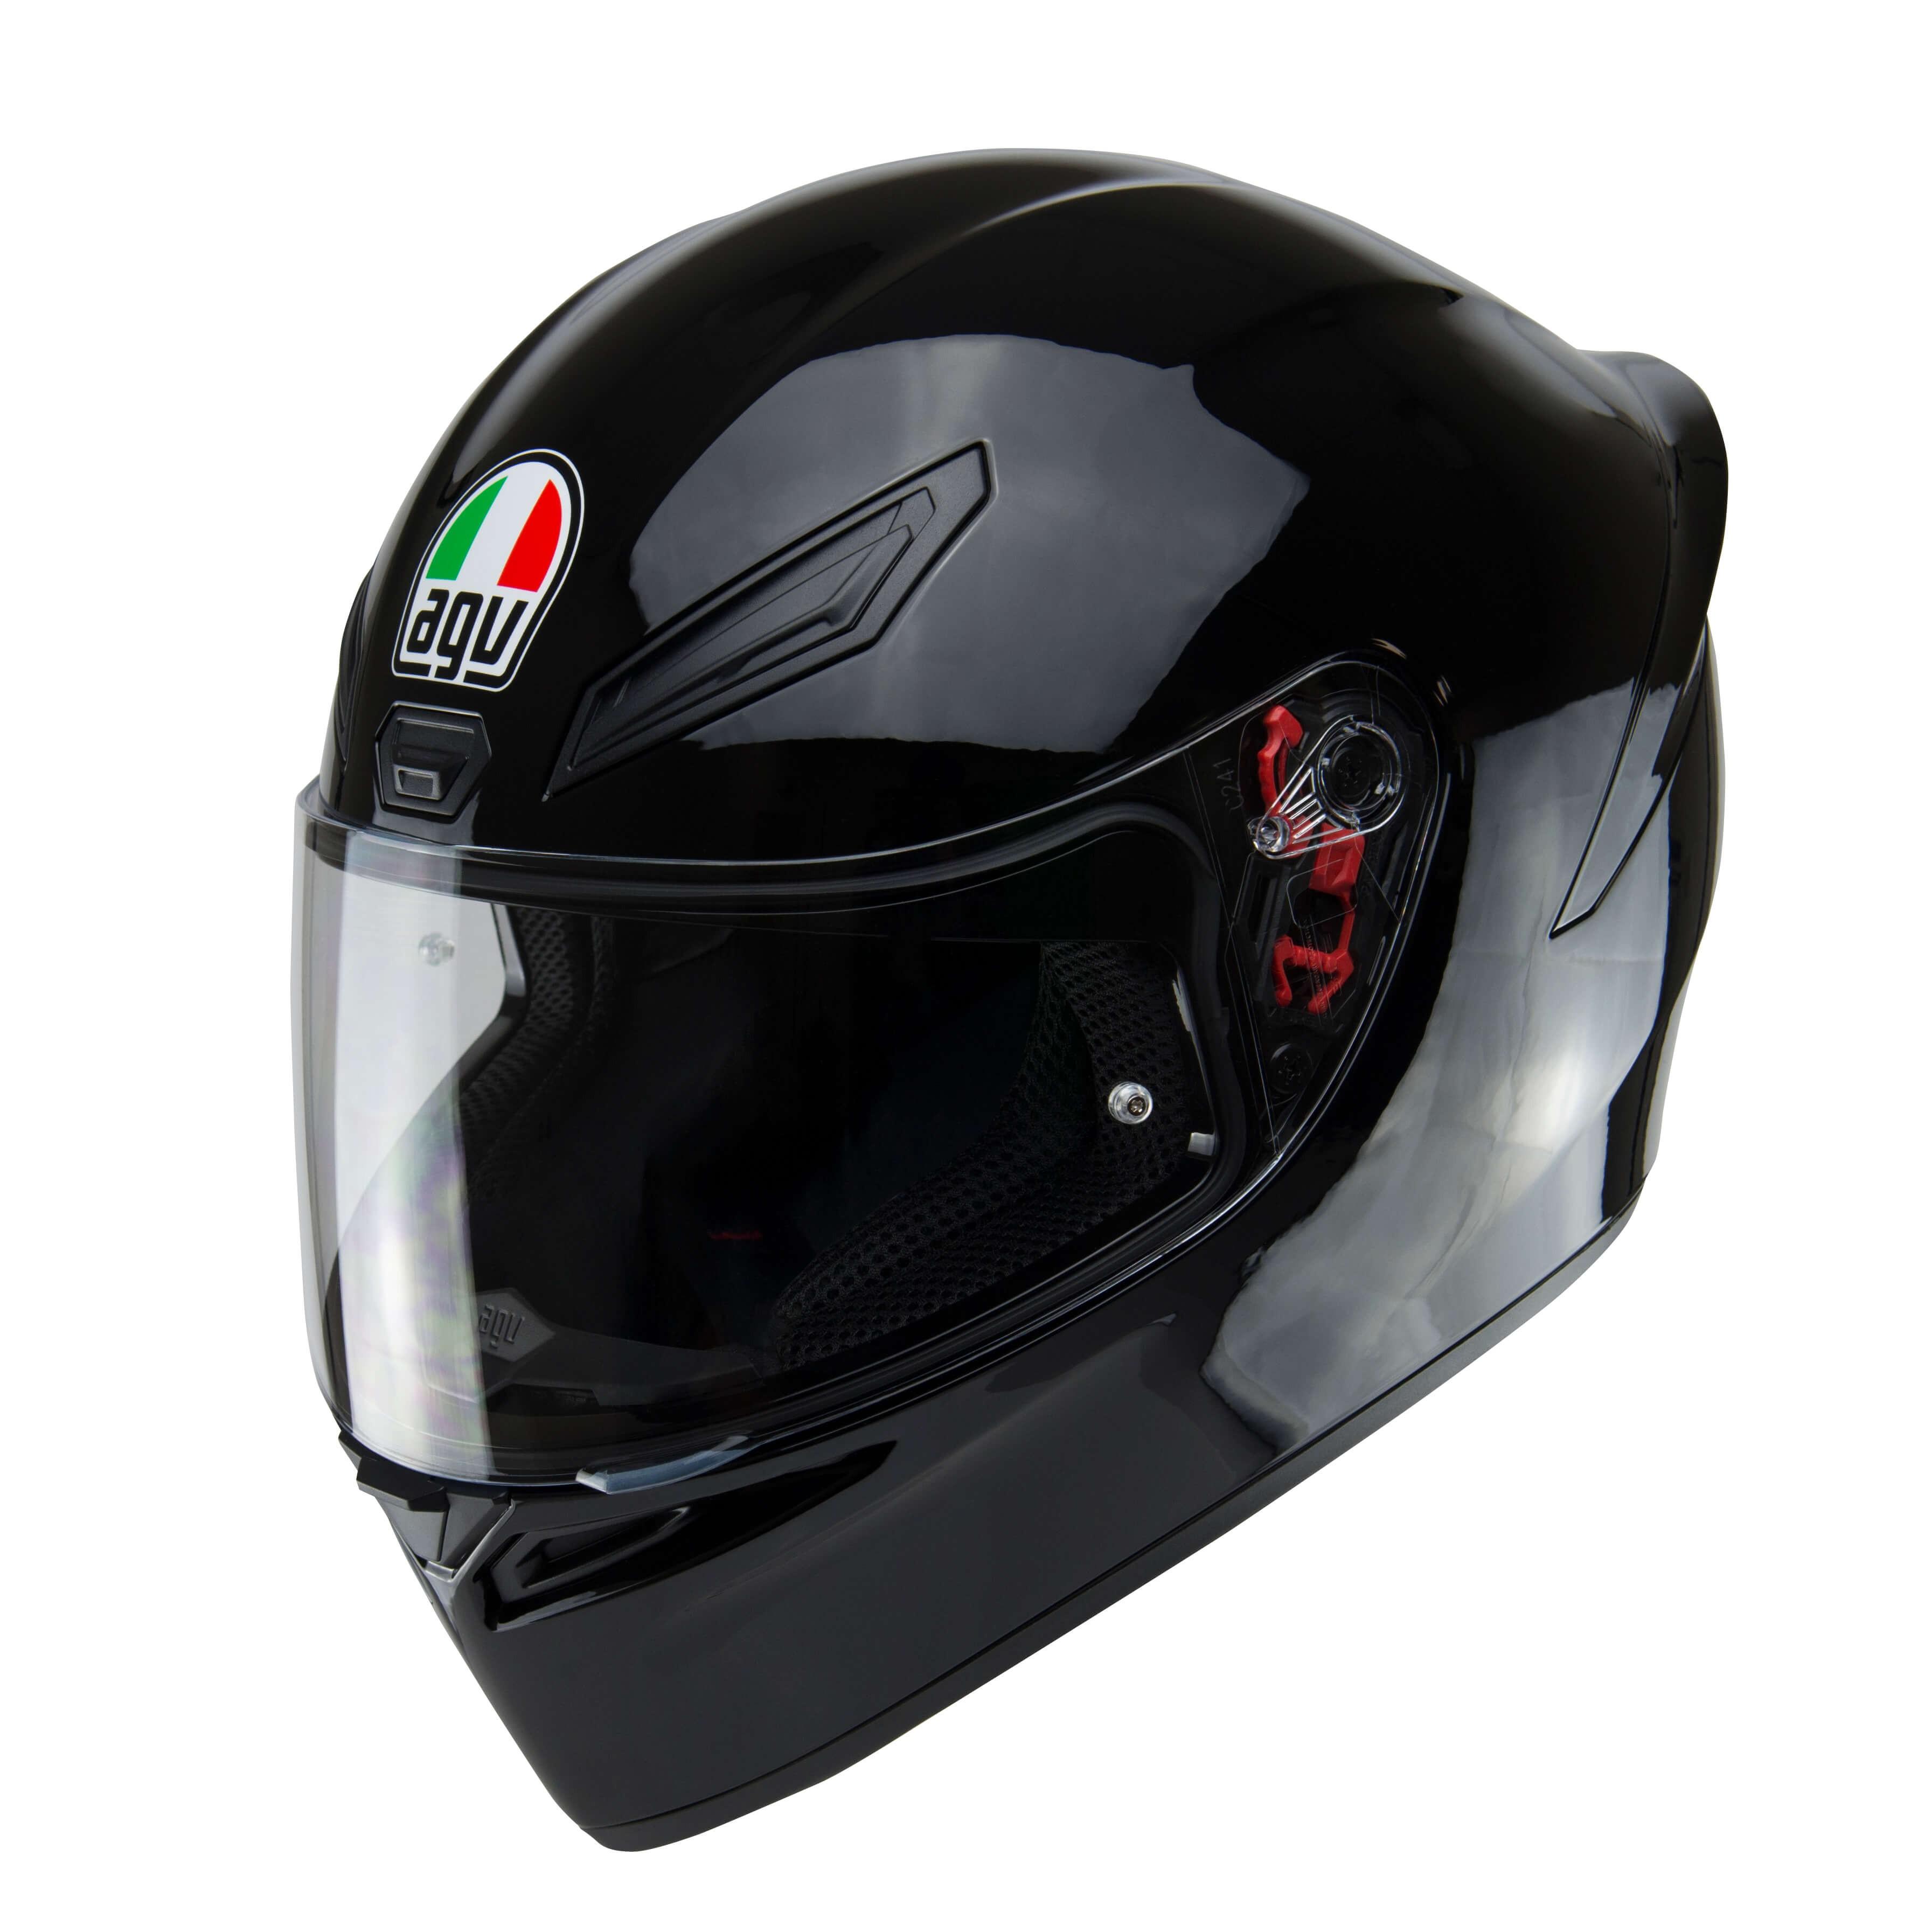 Agv K1 Black Full Face Motorcycle Helmet